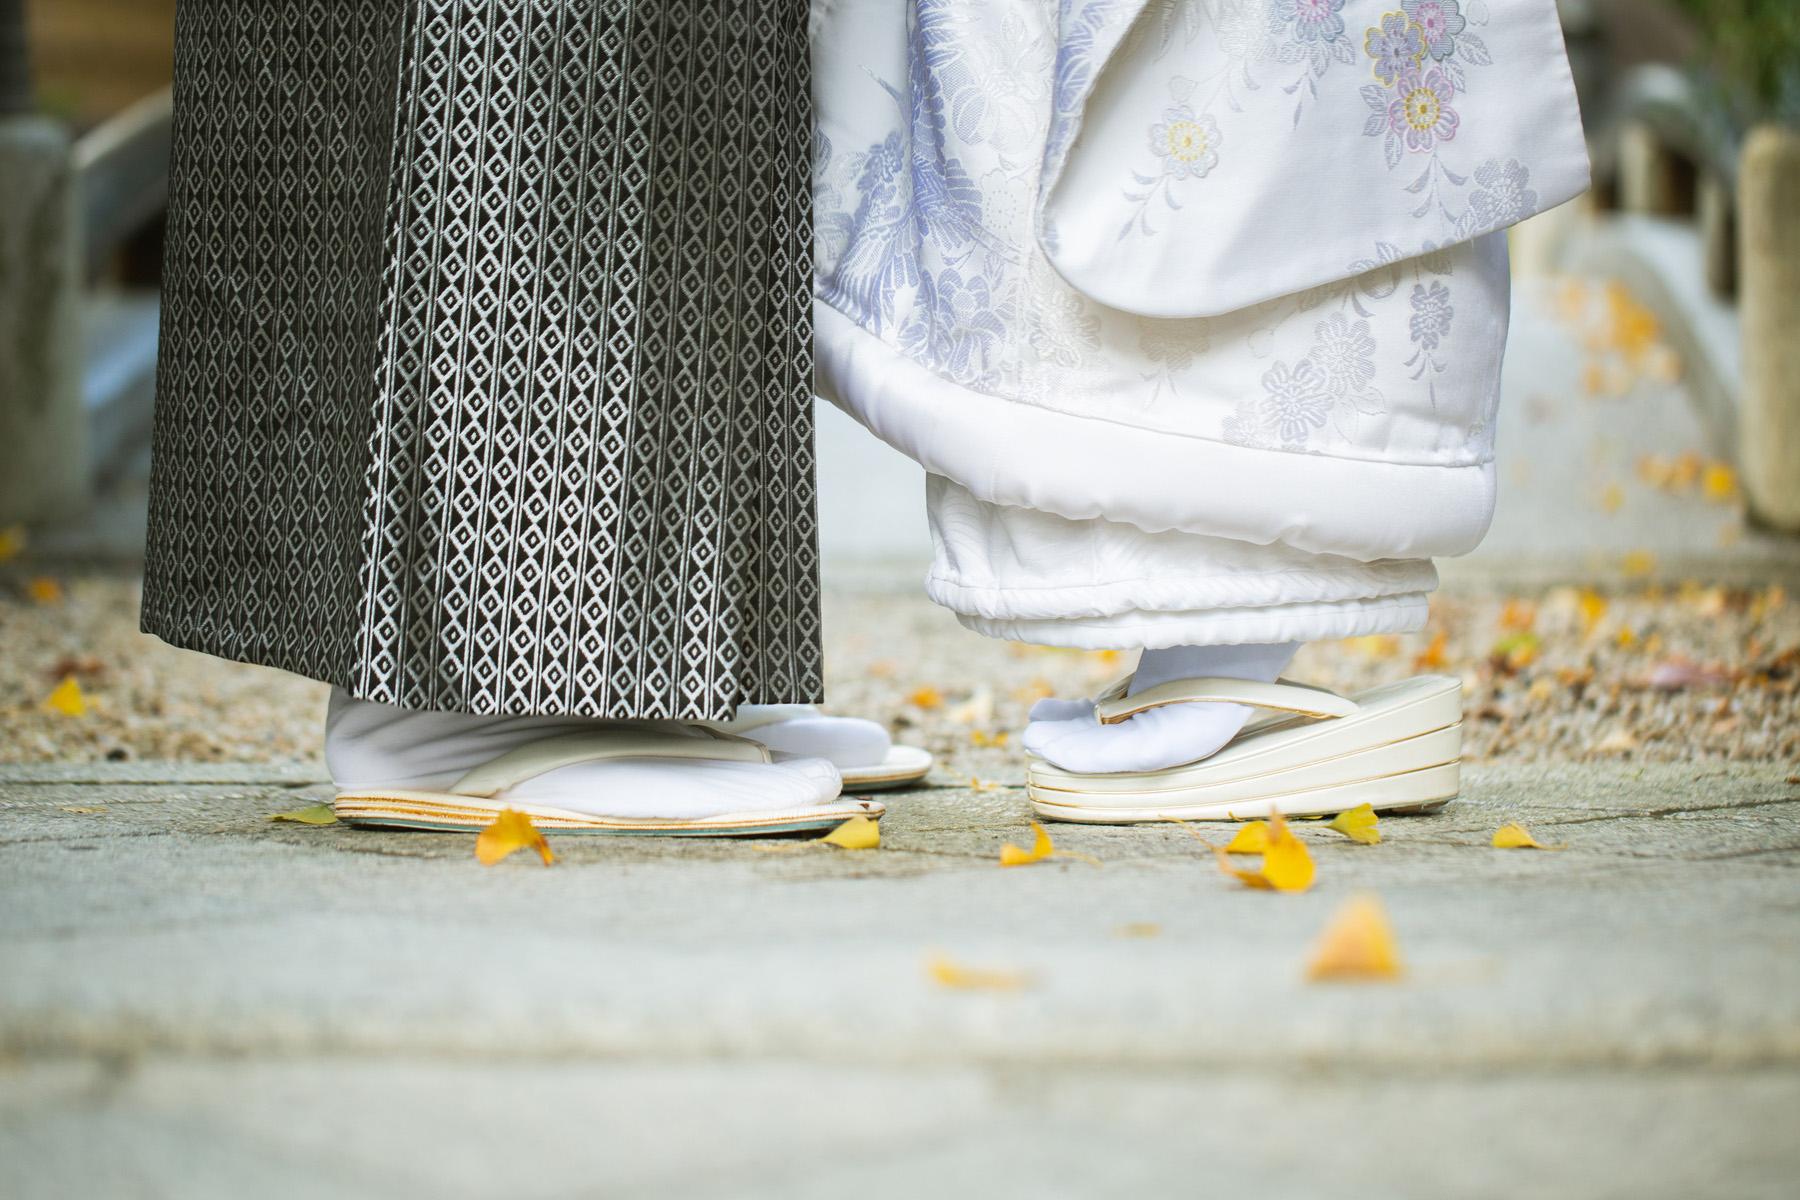 滋賀県長浜市の慶雲館にて、白無垢姿で結婚前撮り撮影